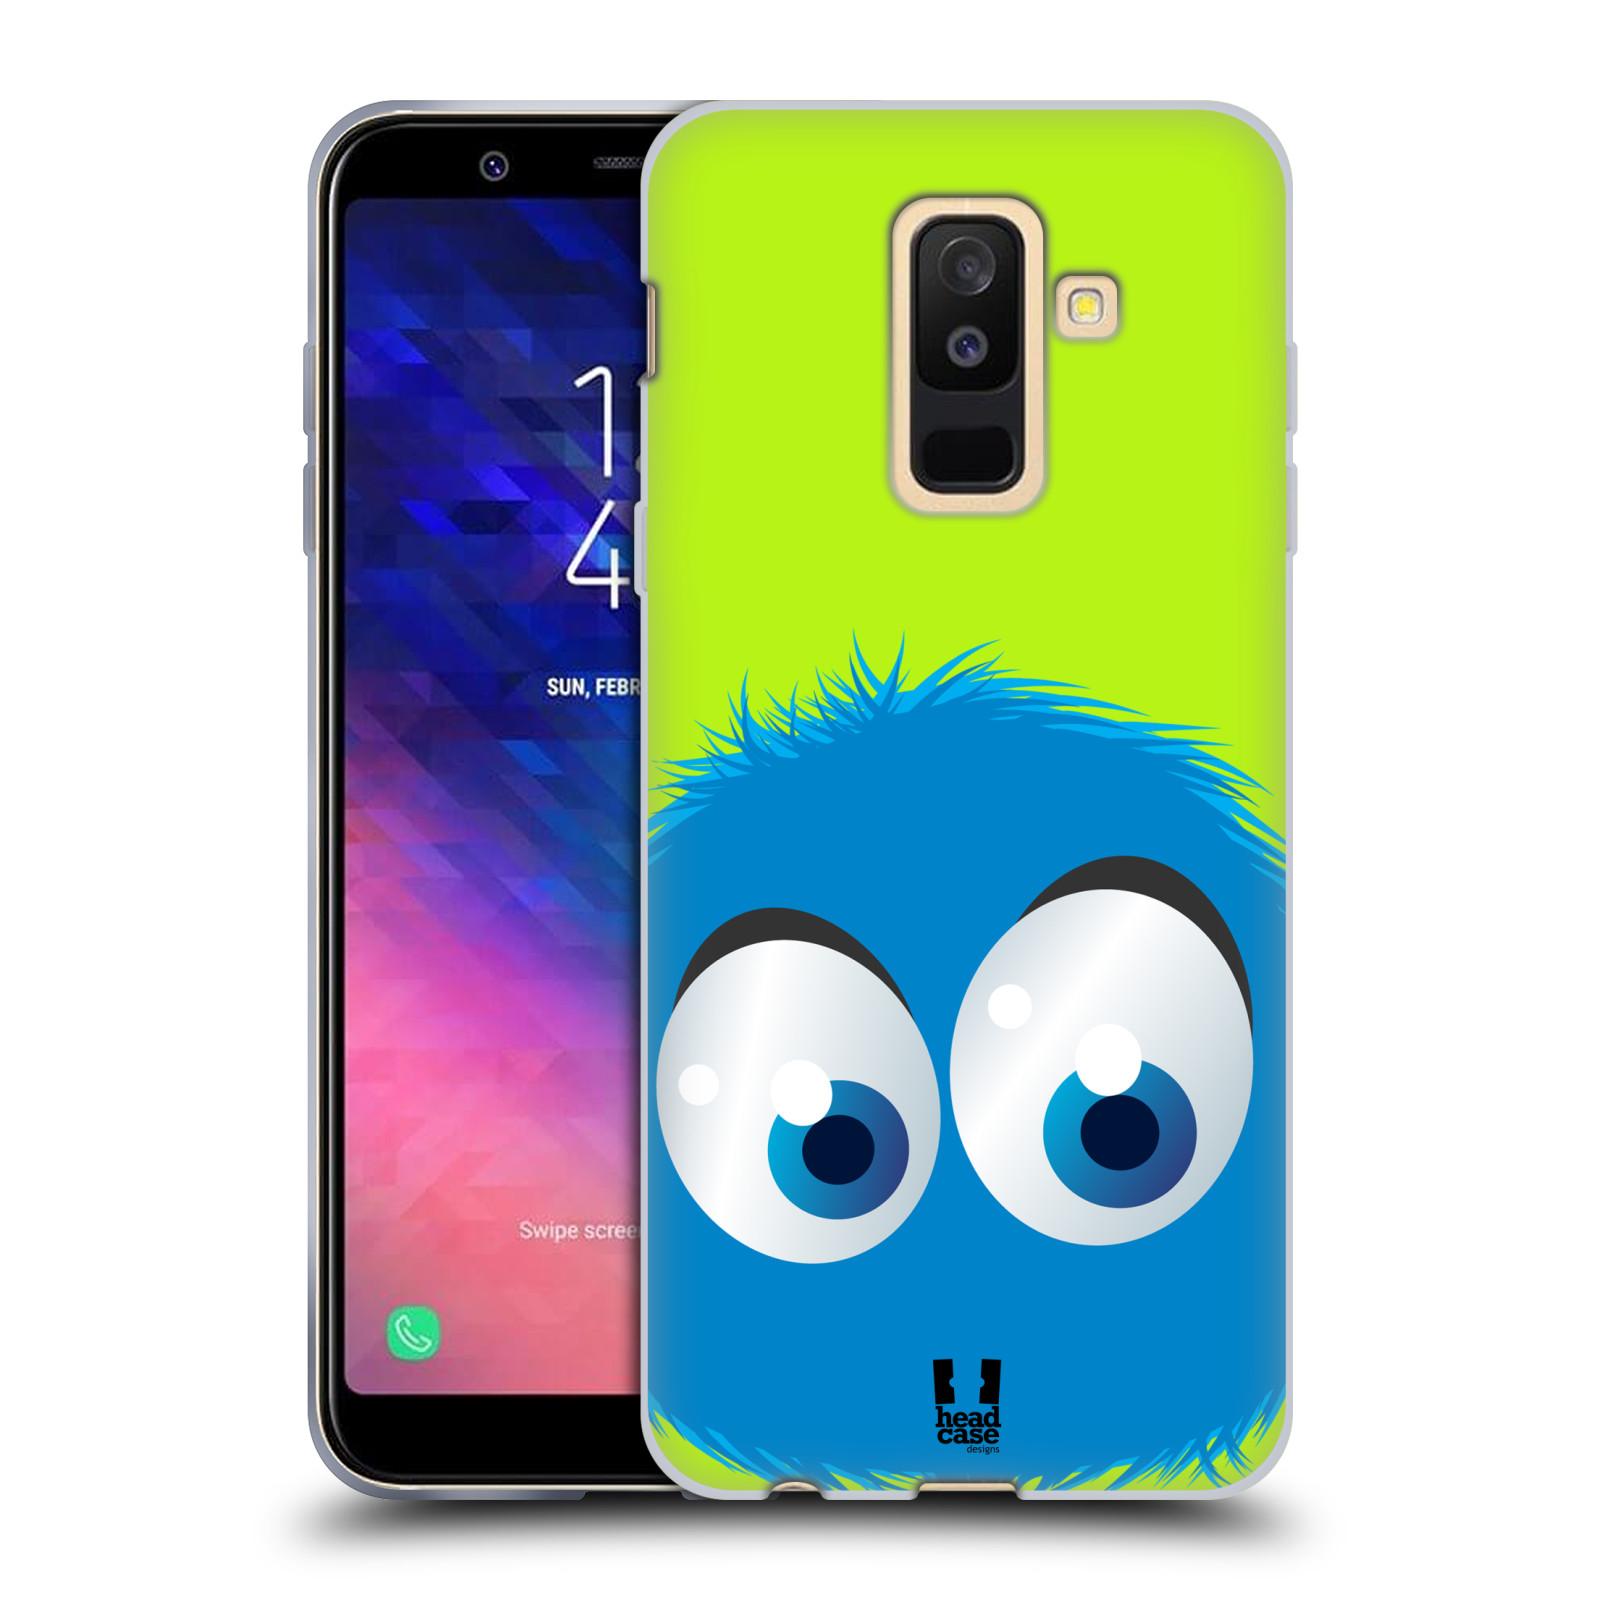 Silikonové pouzdro na mobil Samsung Galaxy A6 Plus (2018) - Head Case - FUZÍK MODRÝ (Silikonový kryt či obal na mobilní telefon Samsung Galaxy A6+ 2018 s motivem FUZÍK MODRÝ)